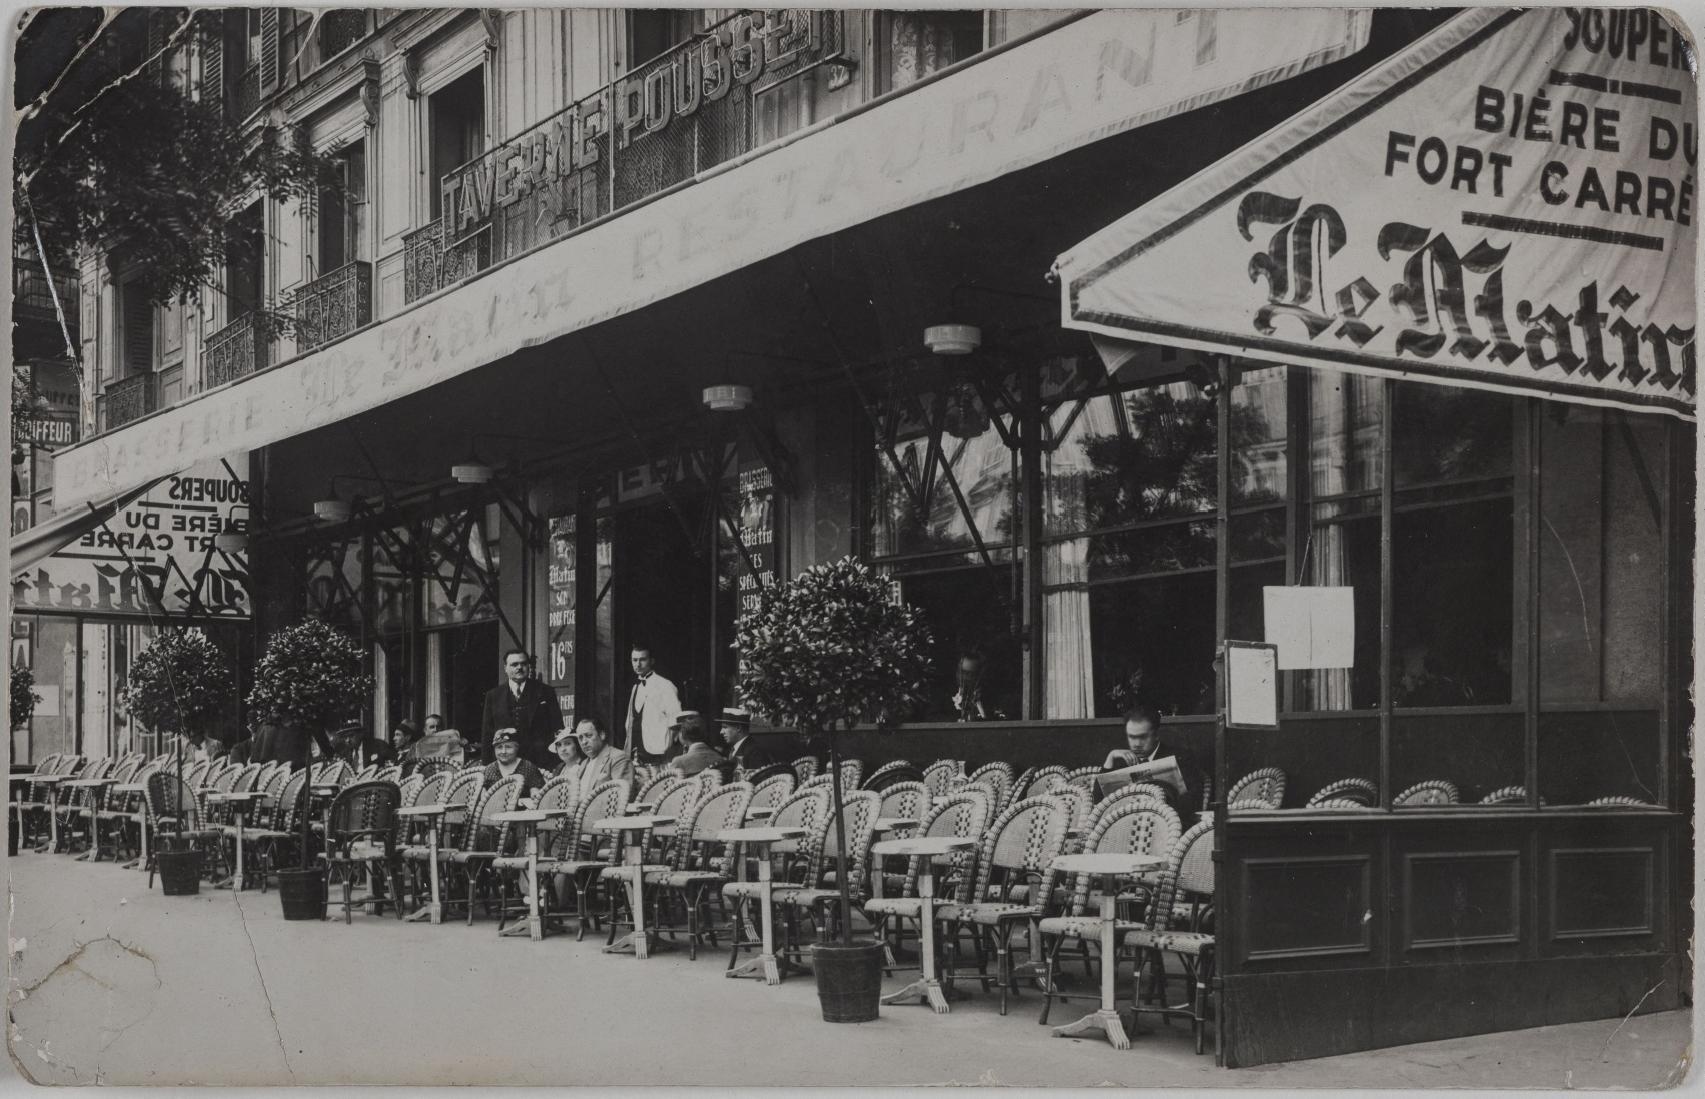 1920-1925. Таверна Пуссе, Пивоварня «Матэн», 14, boulevard des Italiens (9-й округ). Сейчас на этом месте пивной ресторан